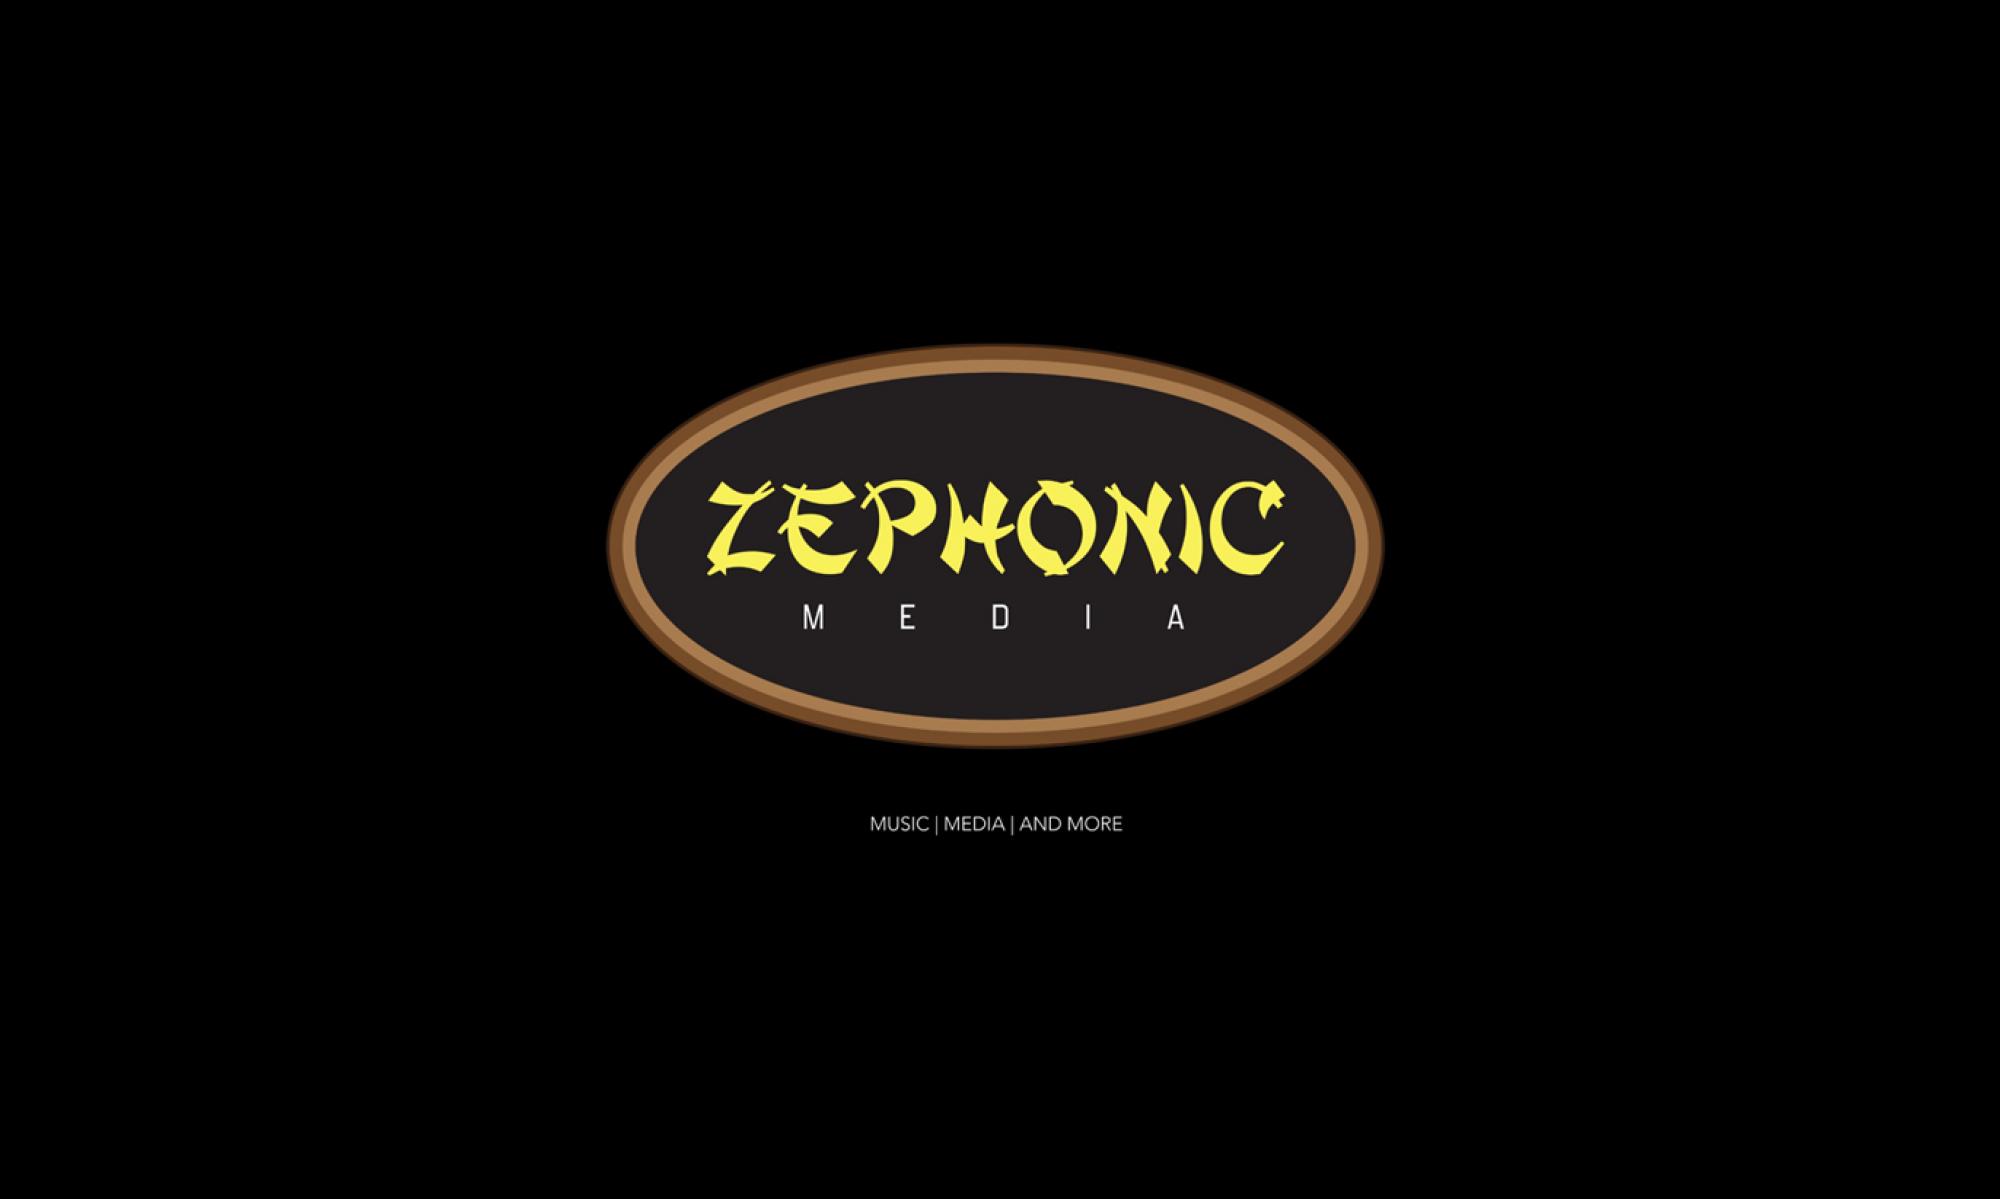 Zephonic Media